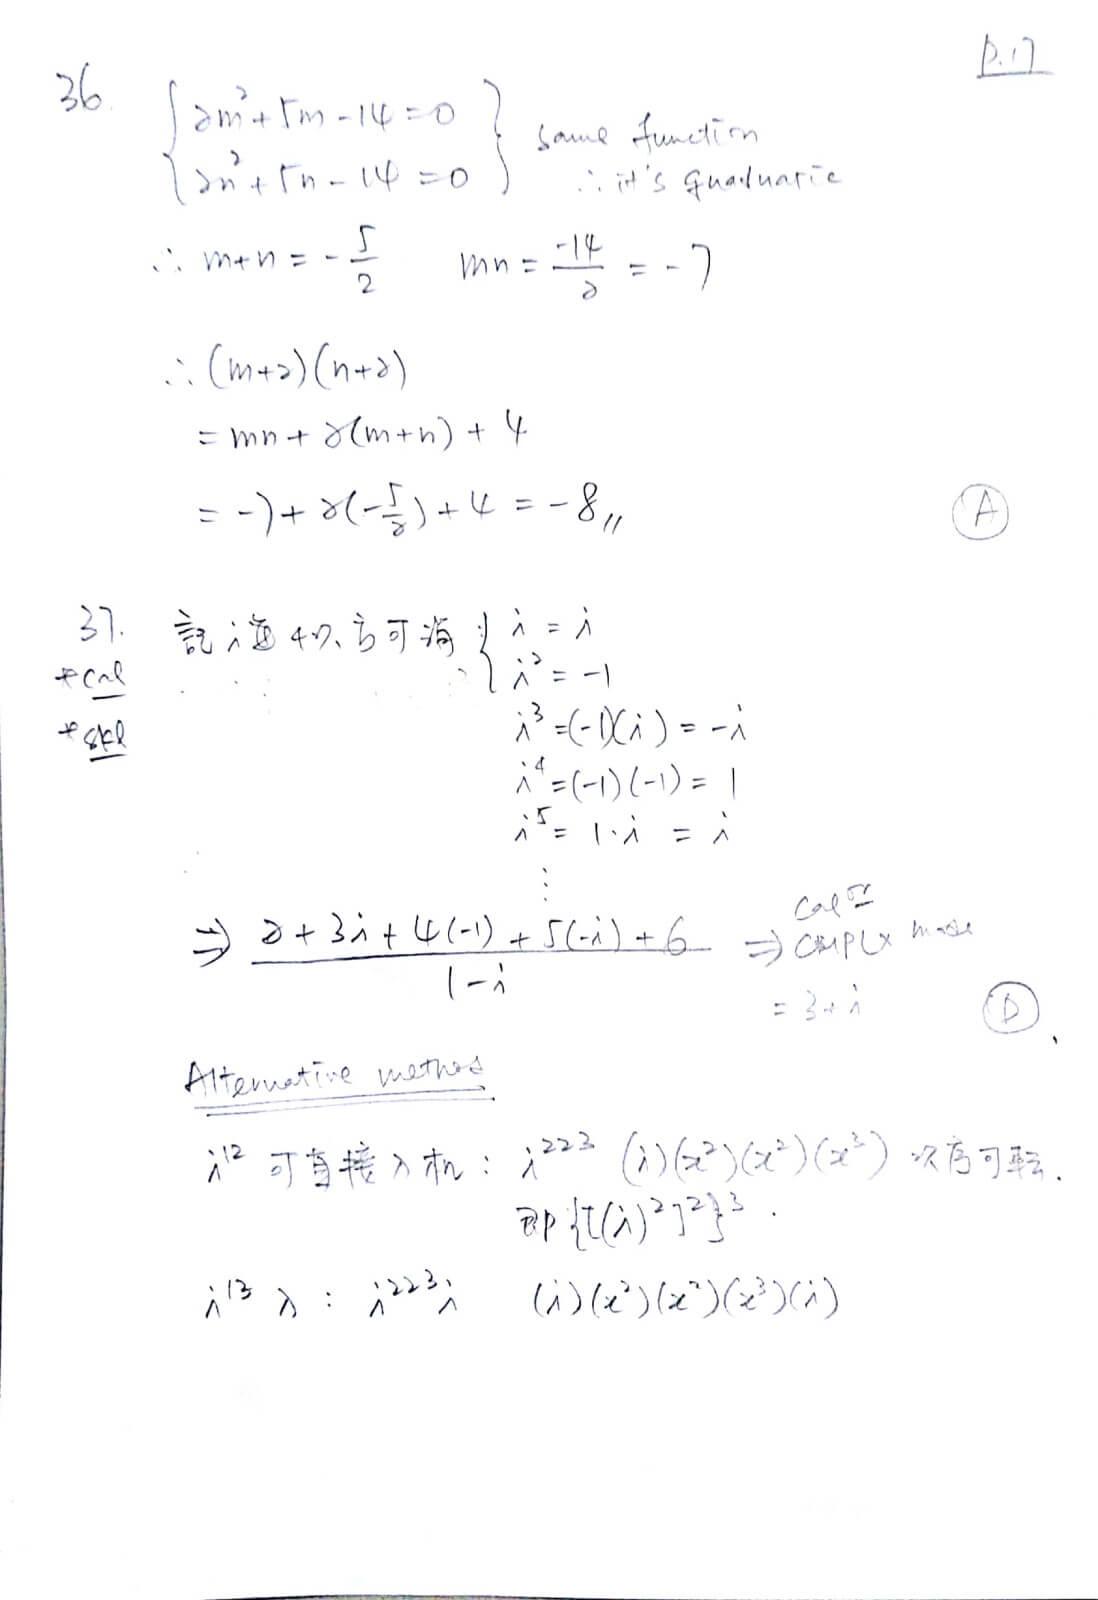 2018 DSE 數學卷二(MC) 詳細答案 Q36,37